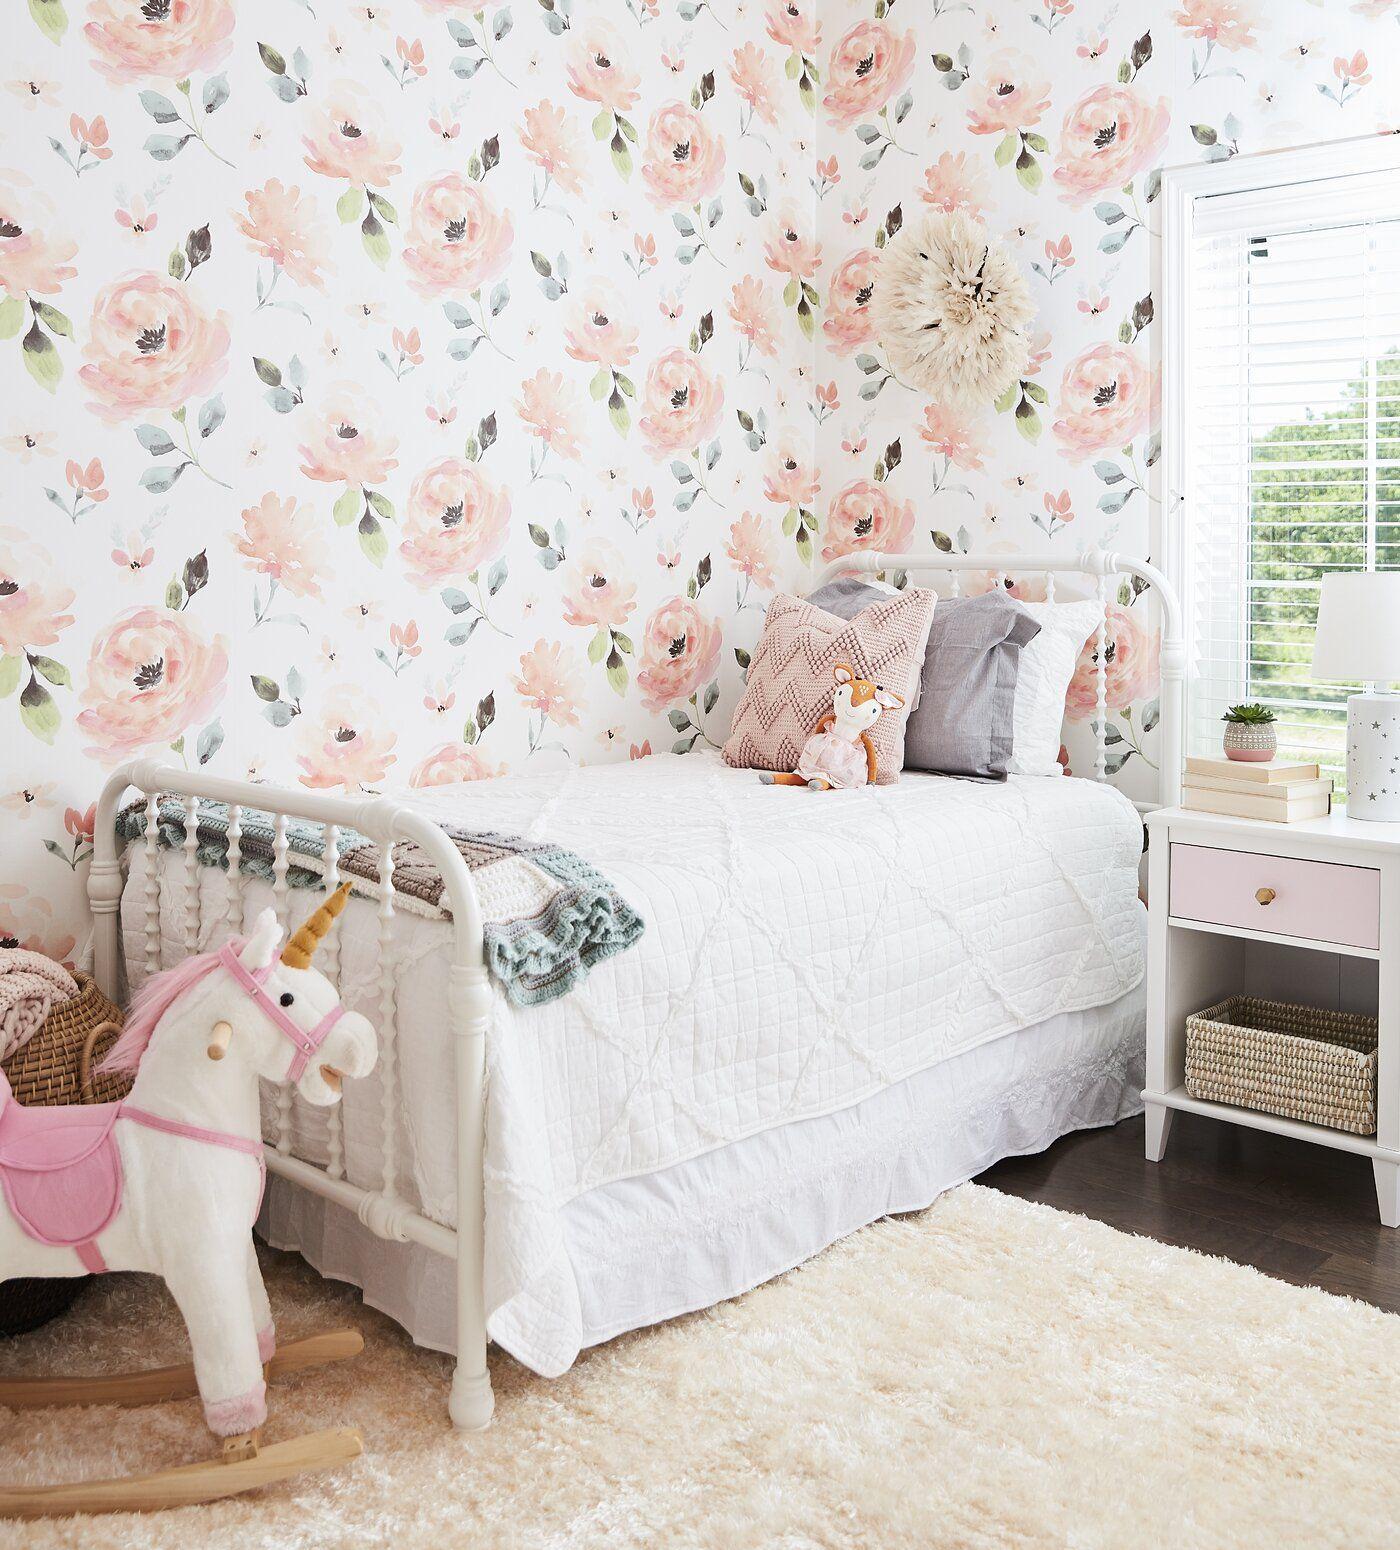 Unicorn Plush Rocking Horse (With images) Girls bedroom